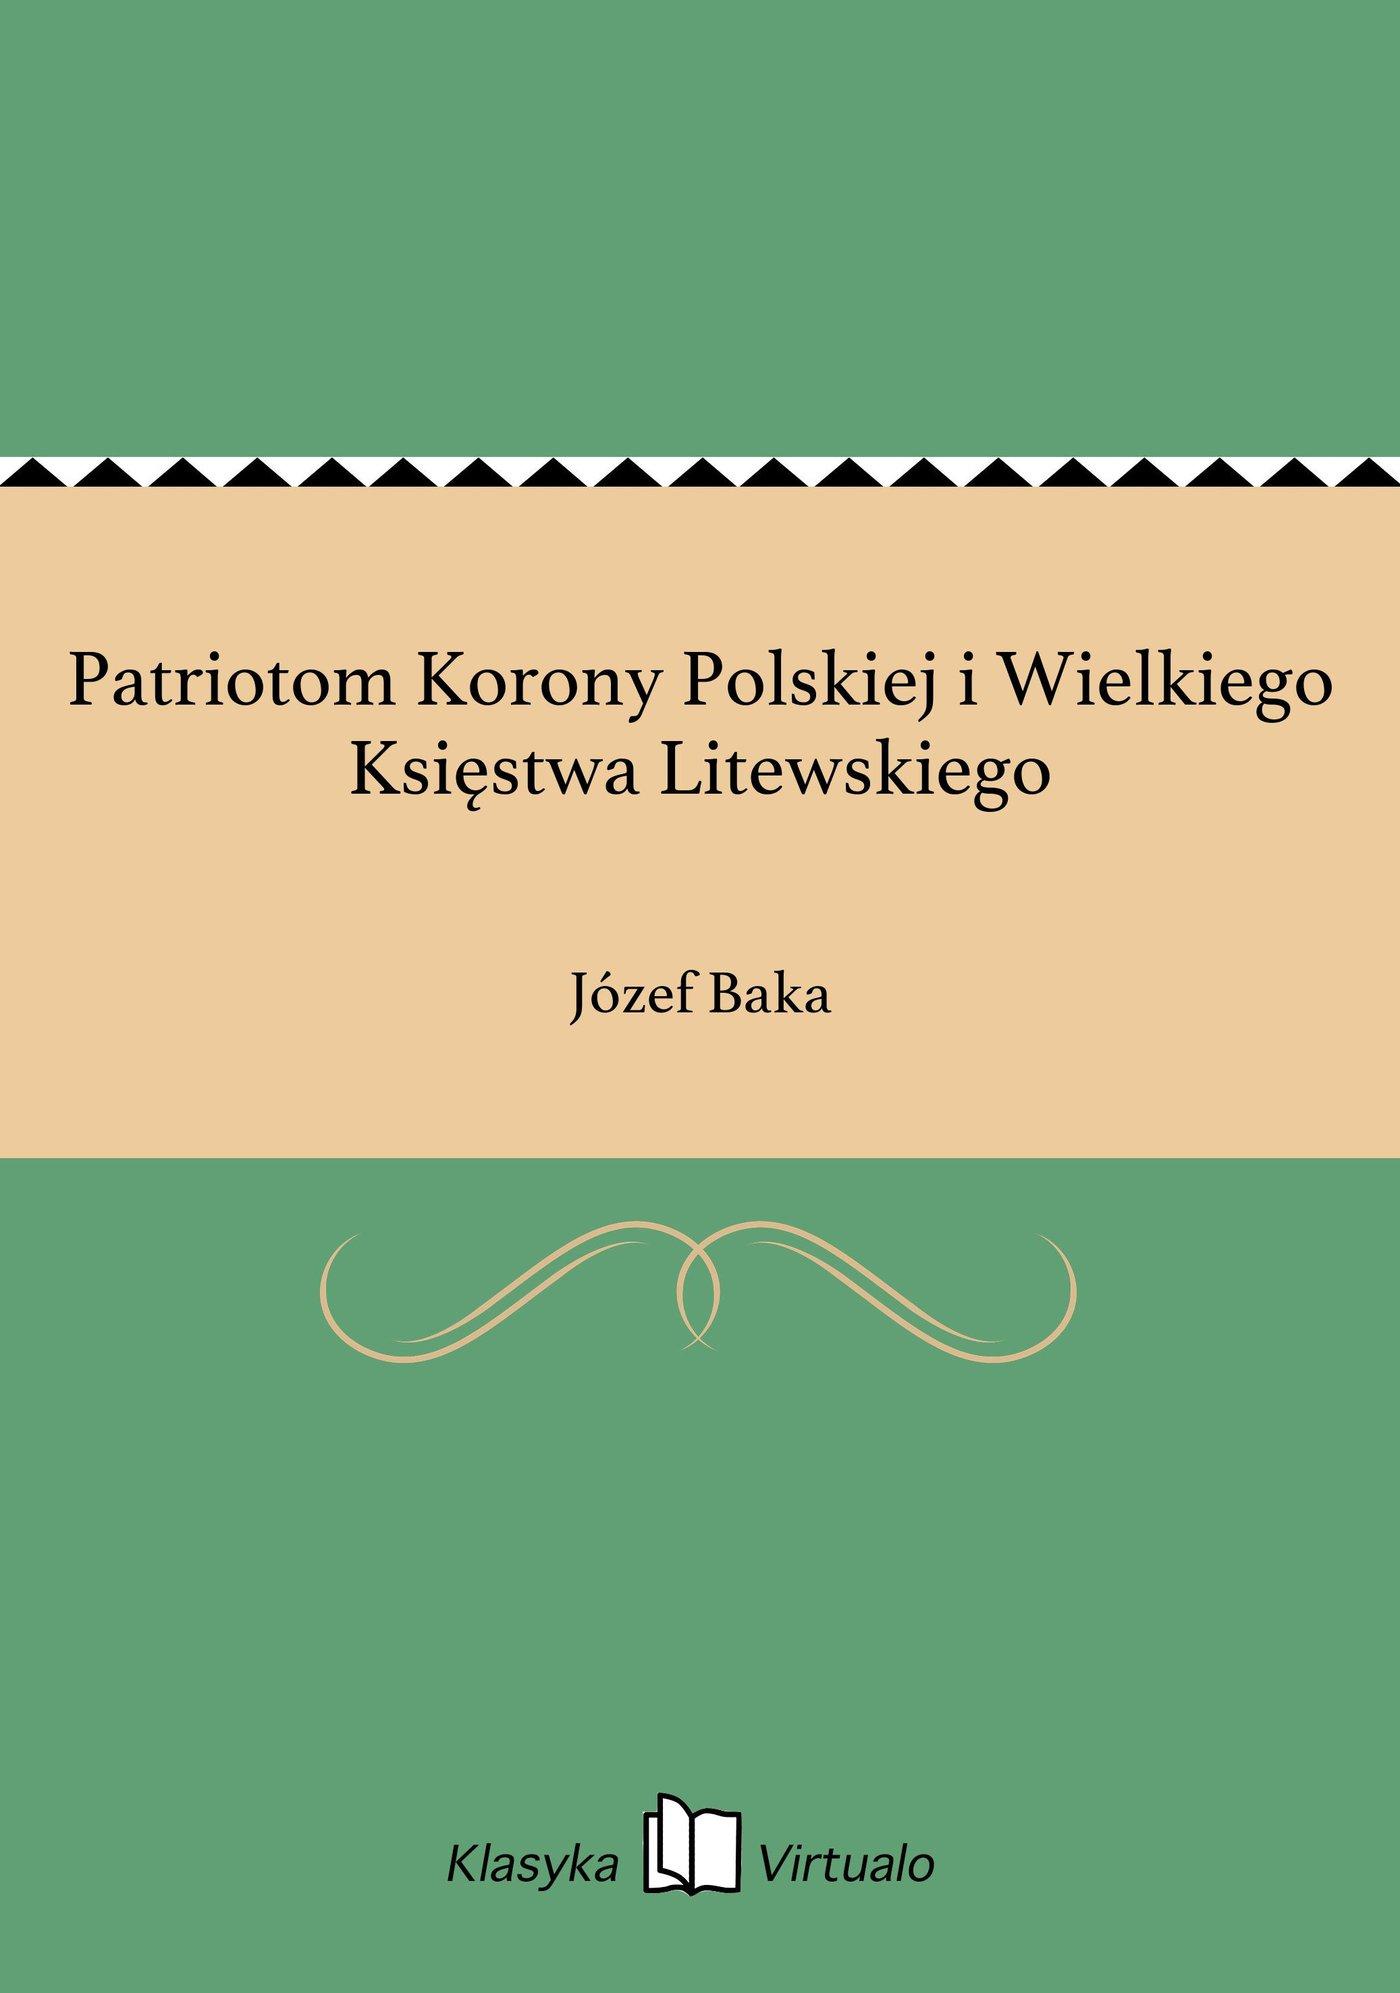 Patriotom Korony Polskiej i Wielkiego Księstwa Litewskiego - Ebook (Książka EPUB) do pobrania w formacie EPUB